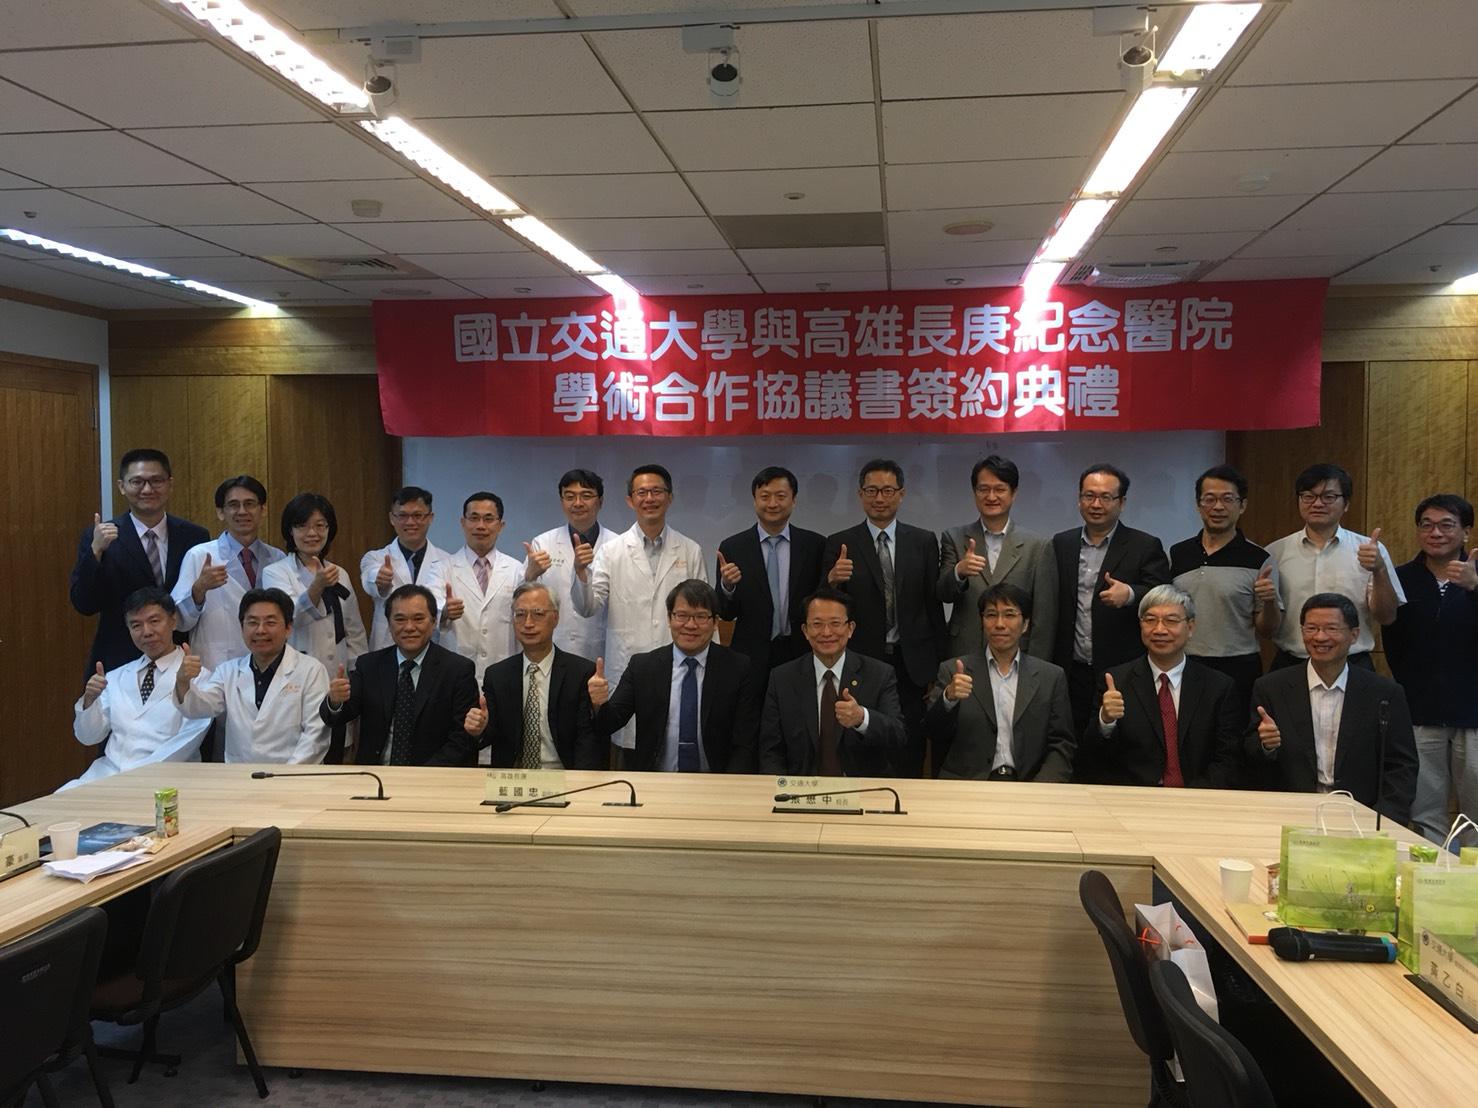 交通大學與高雄長庚紀念醫院簽訂「人工智慧與大數據驅動智慧醫療計畫」合作聯盟協議書